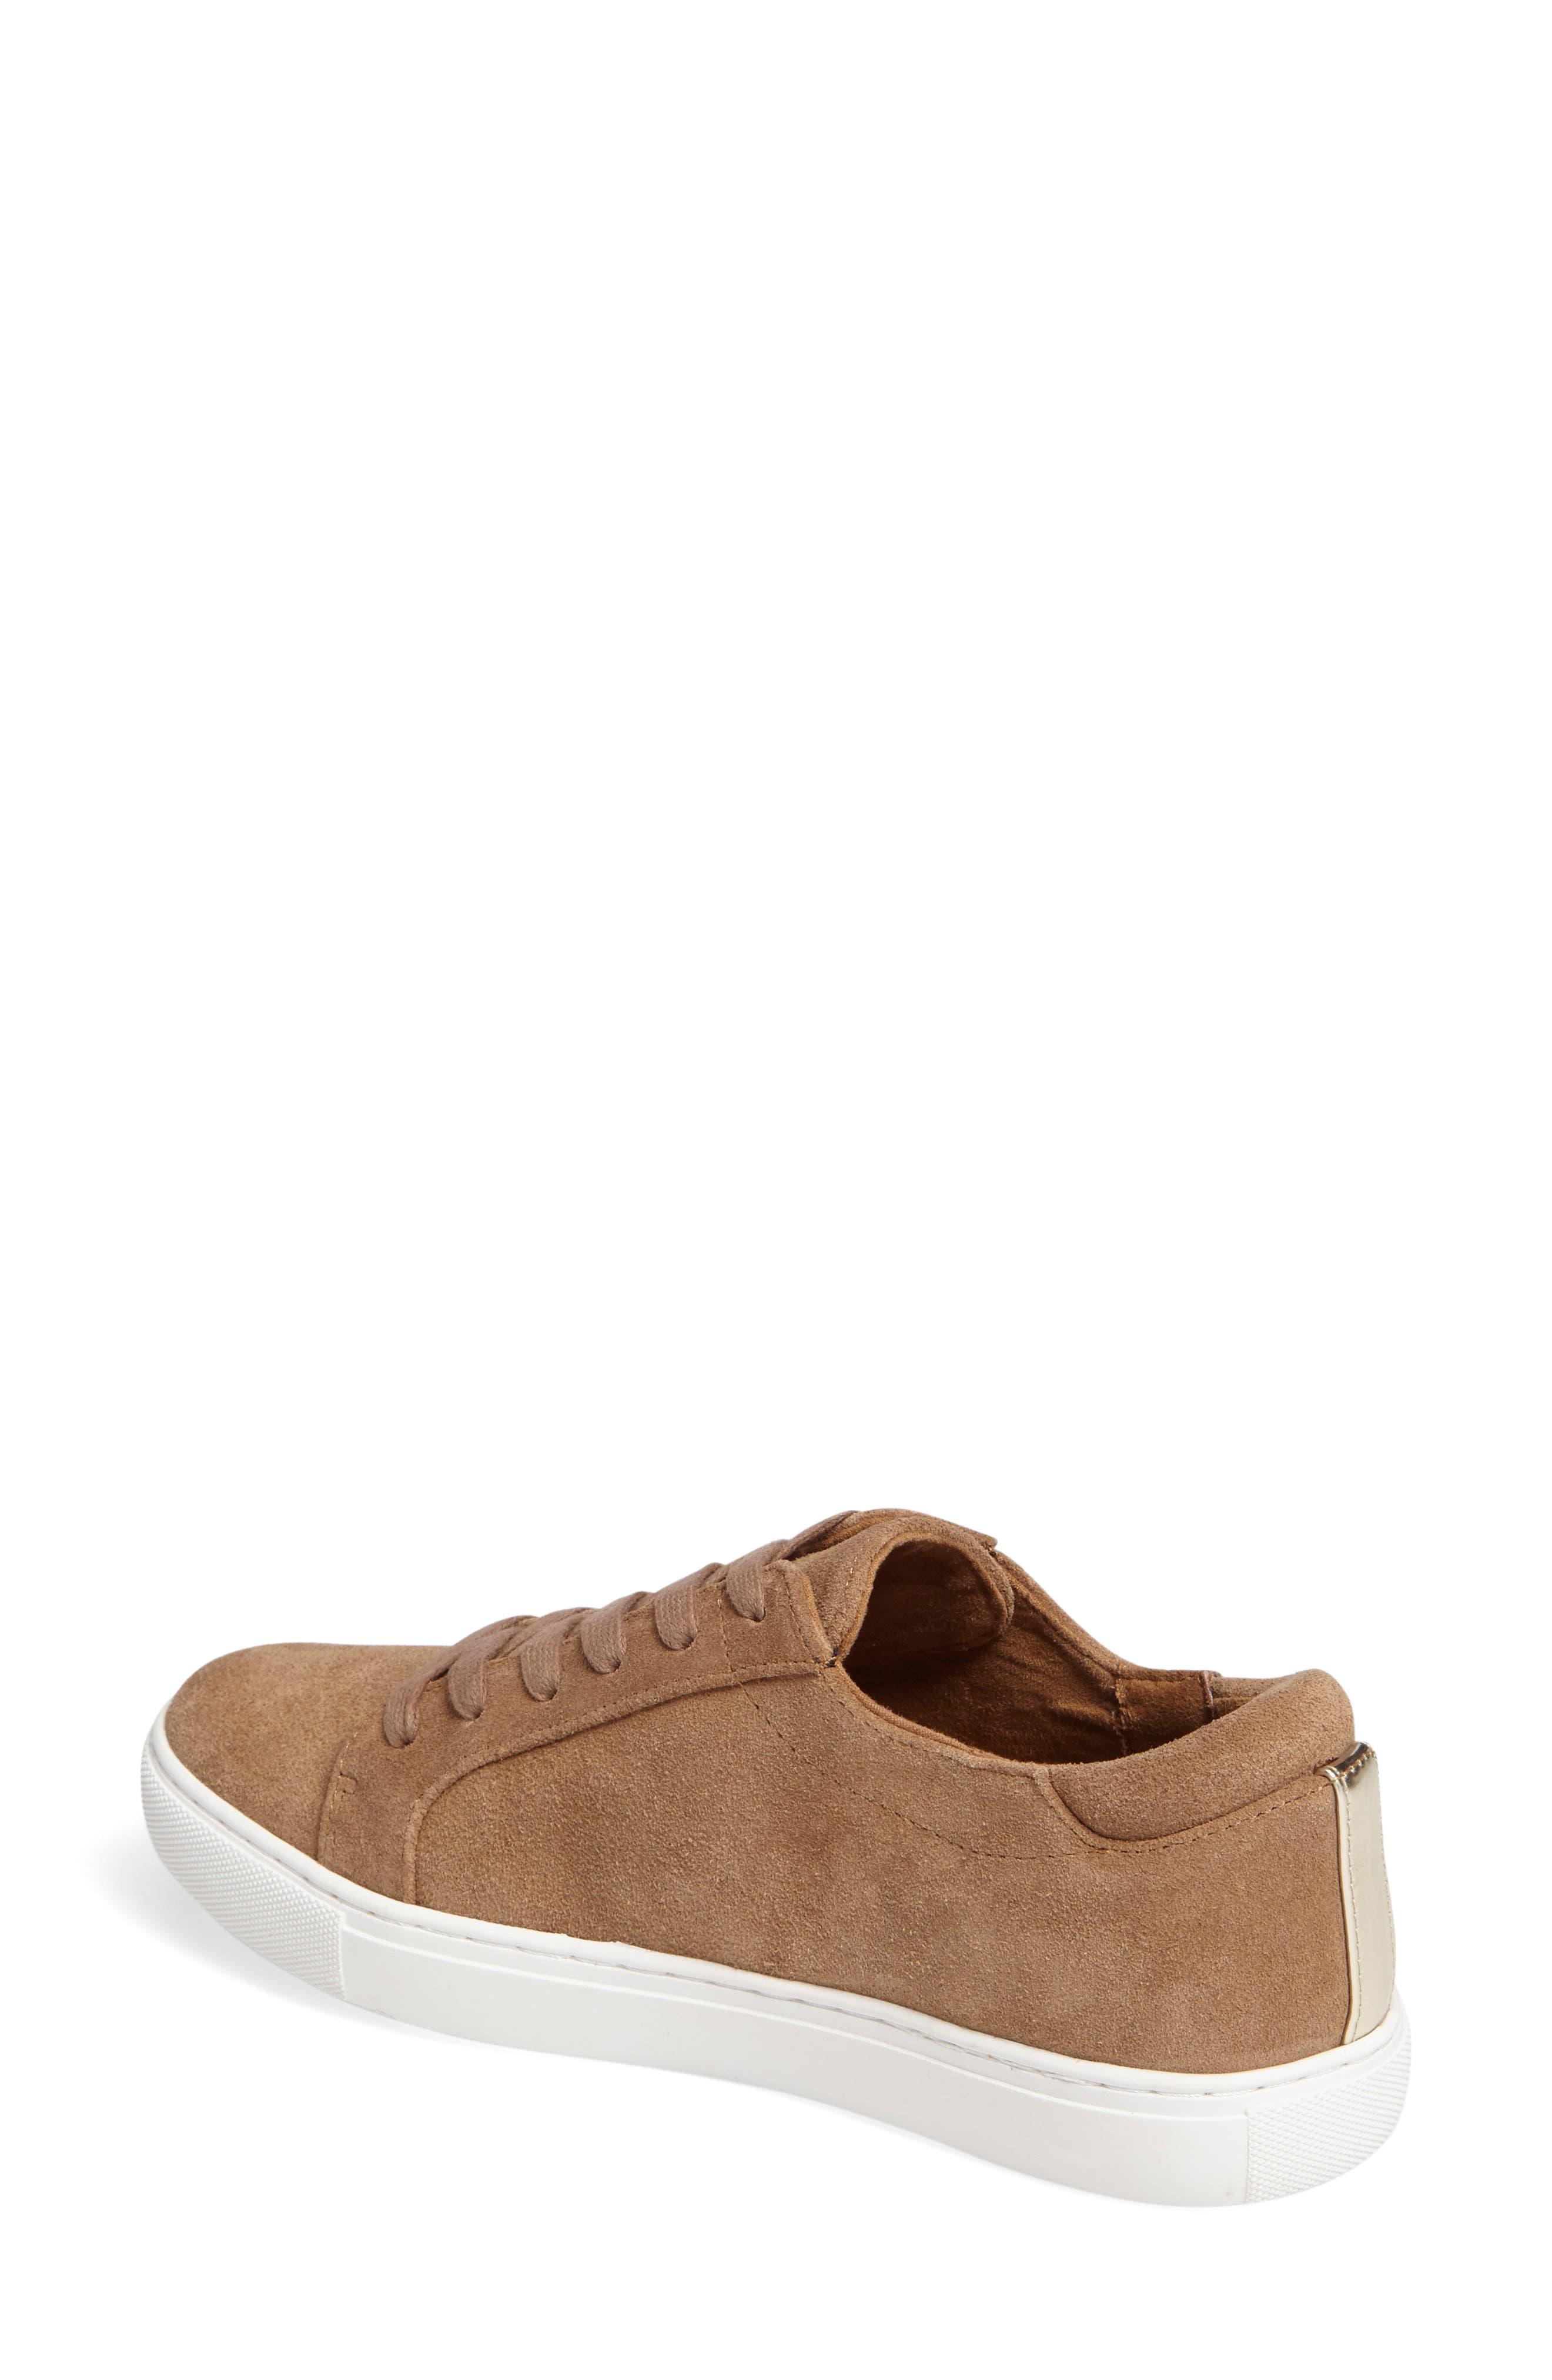 'Kam' Sneaker,                             Alternate thumbnail 121, color,